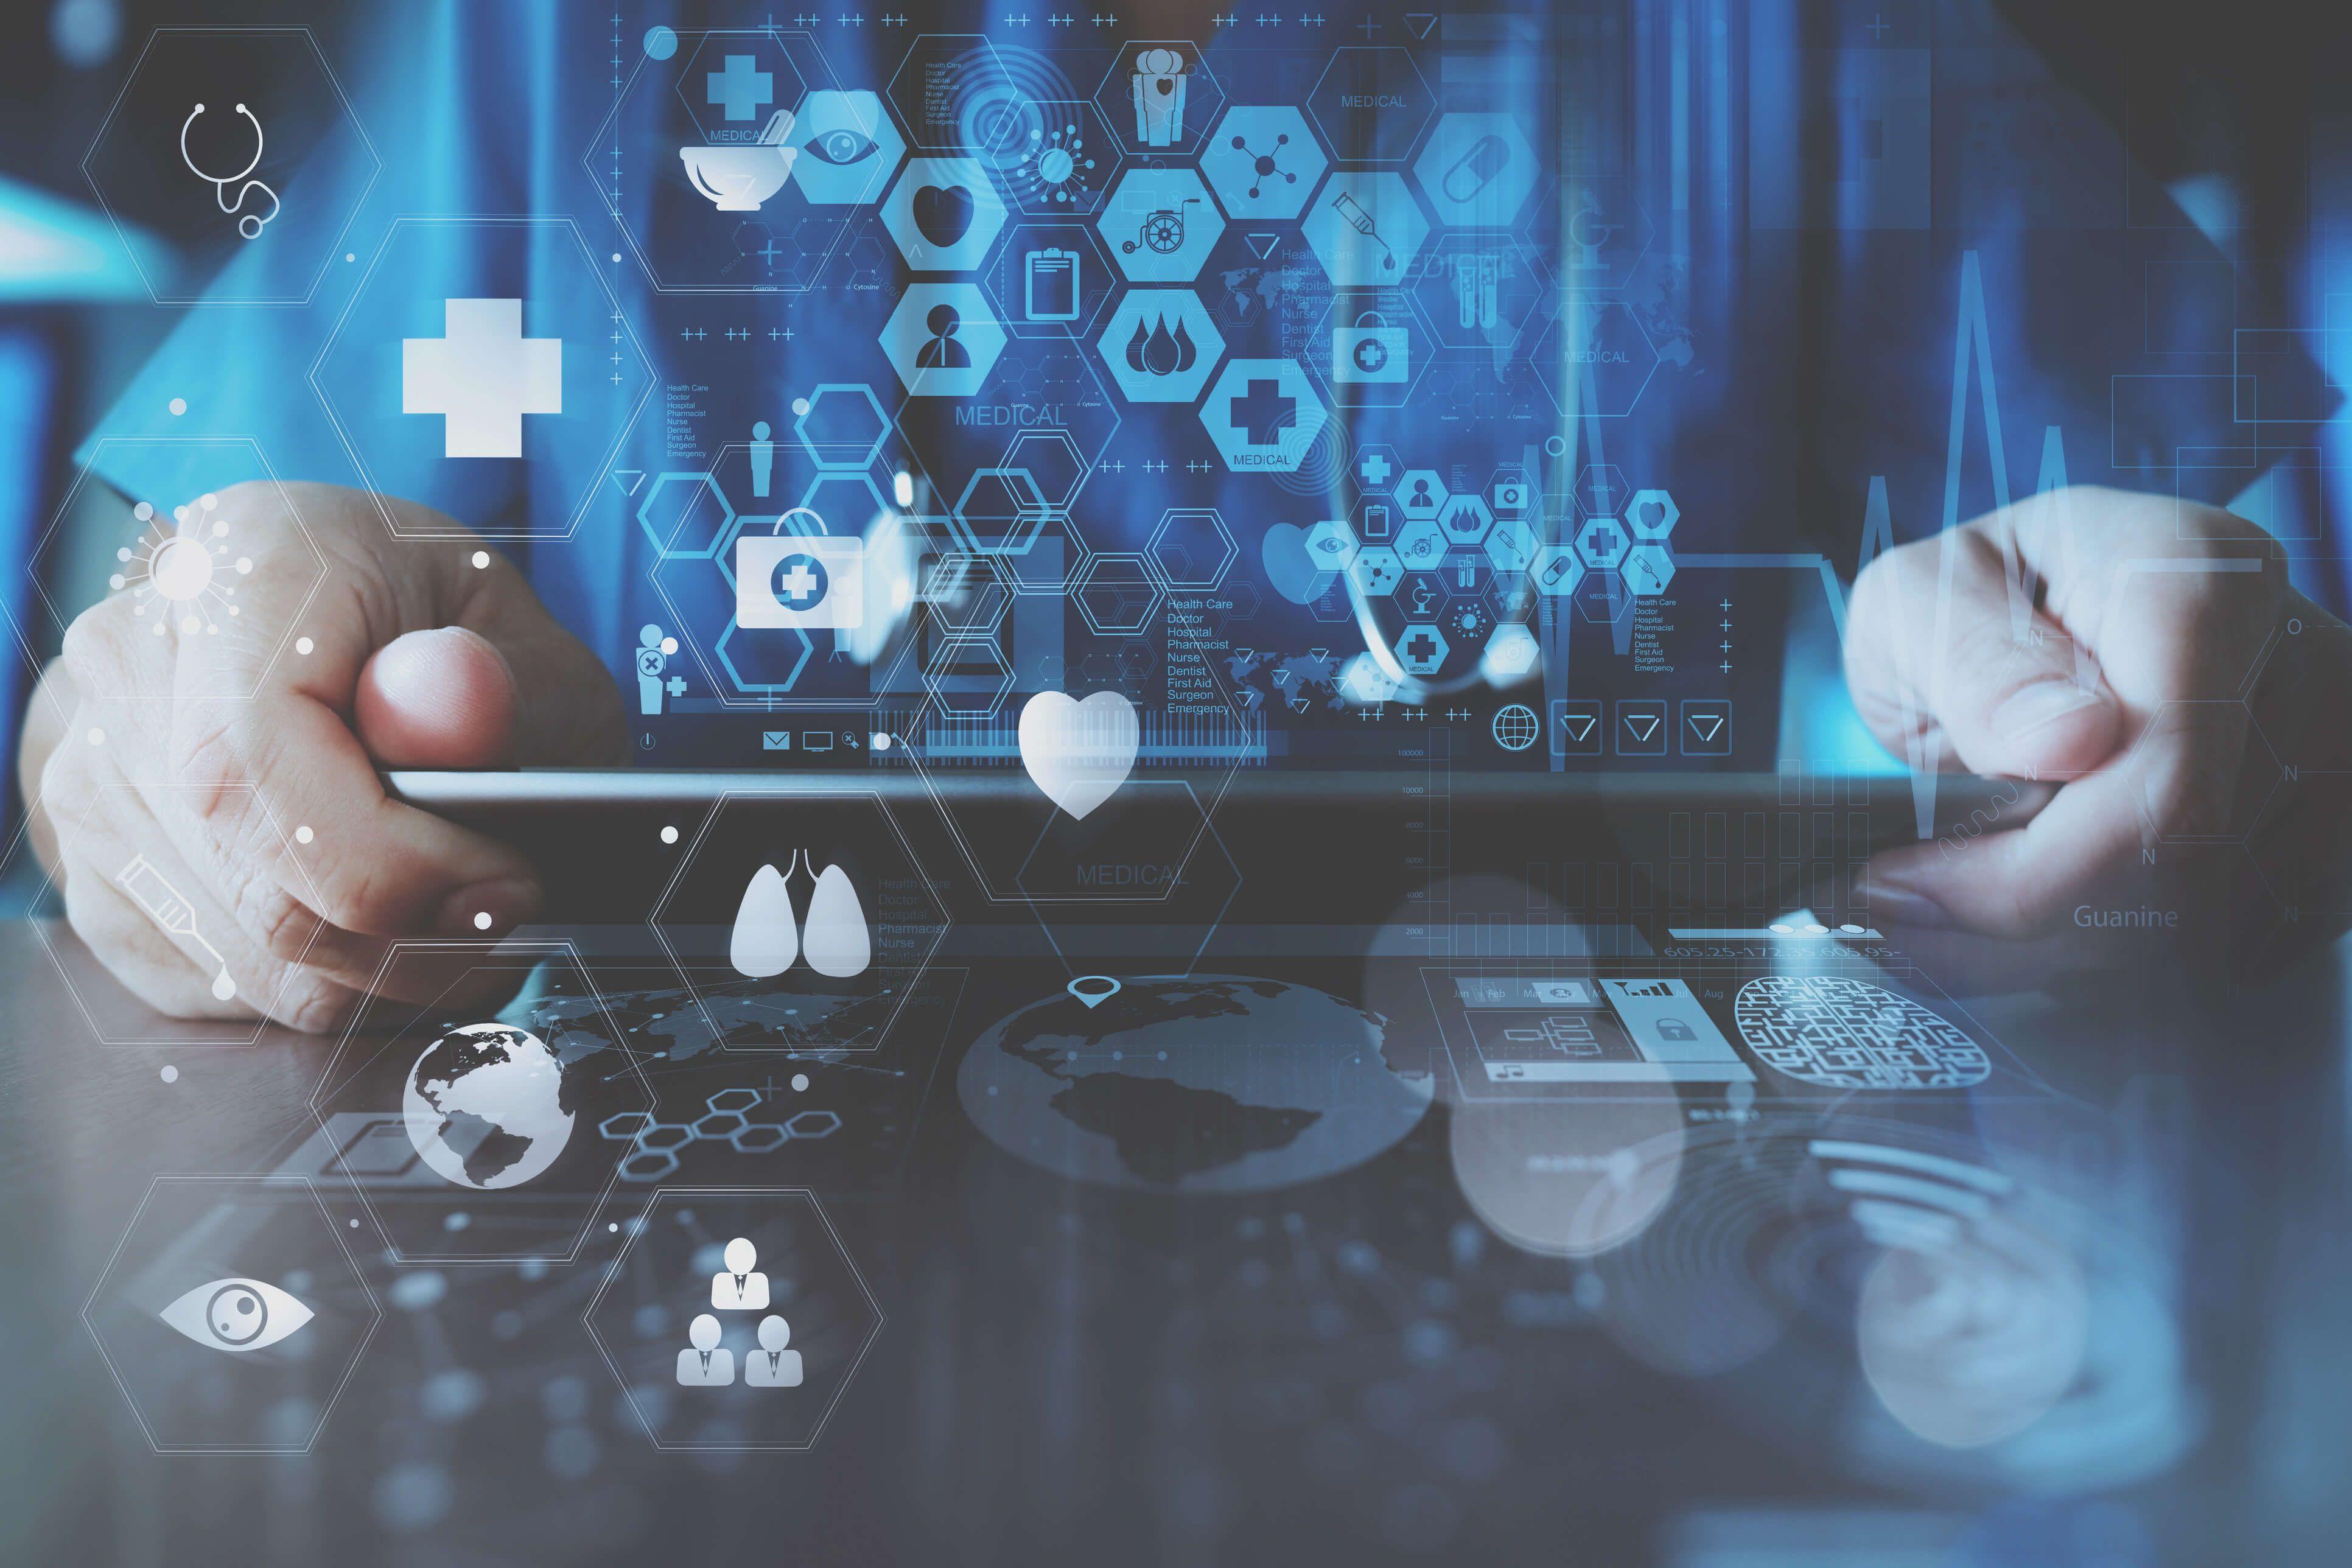 Critical Software Lança Novos Serviços para Dispositivos Médicos